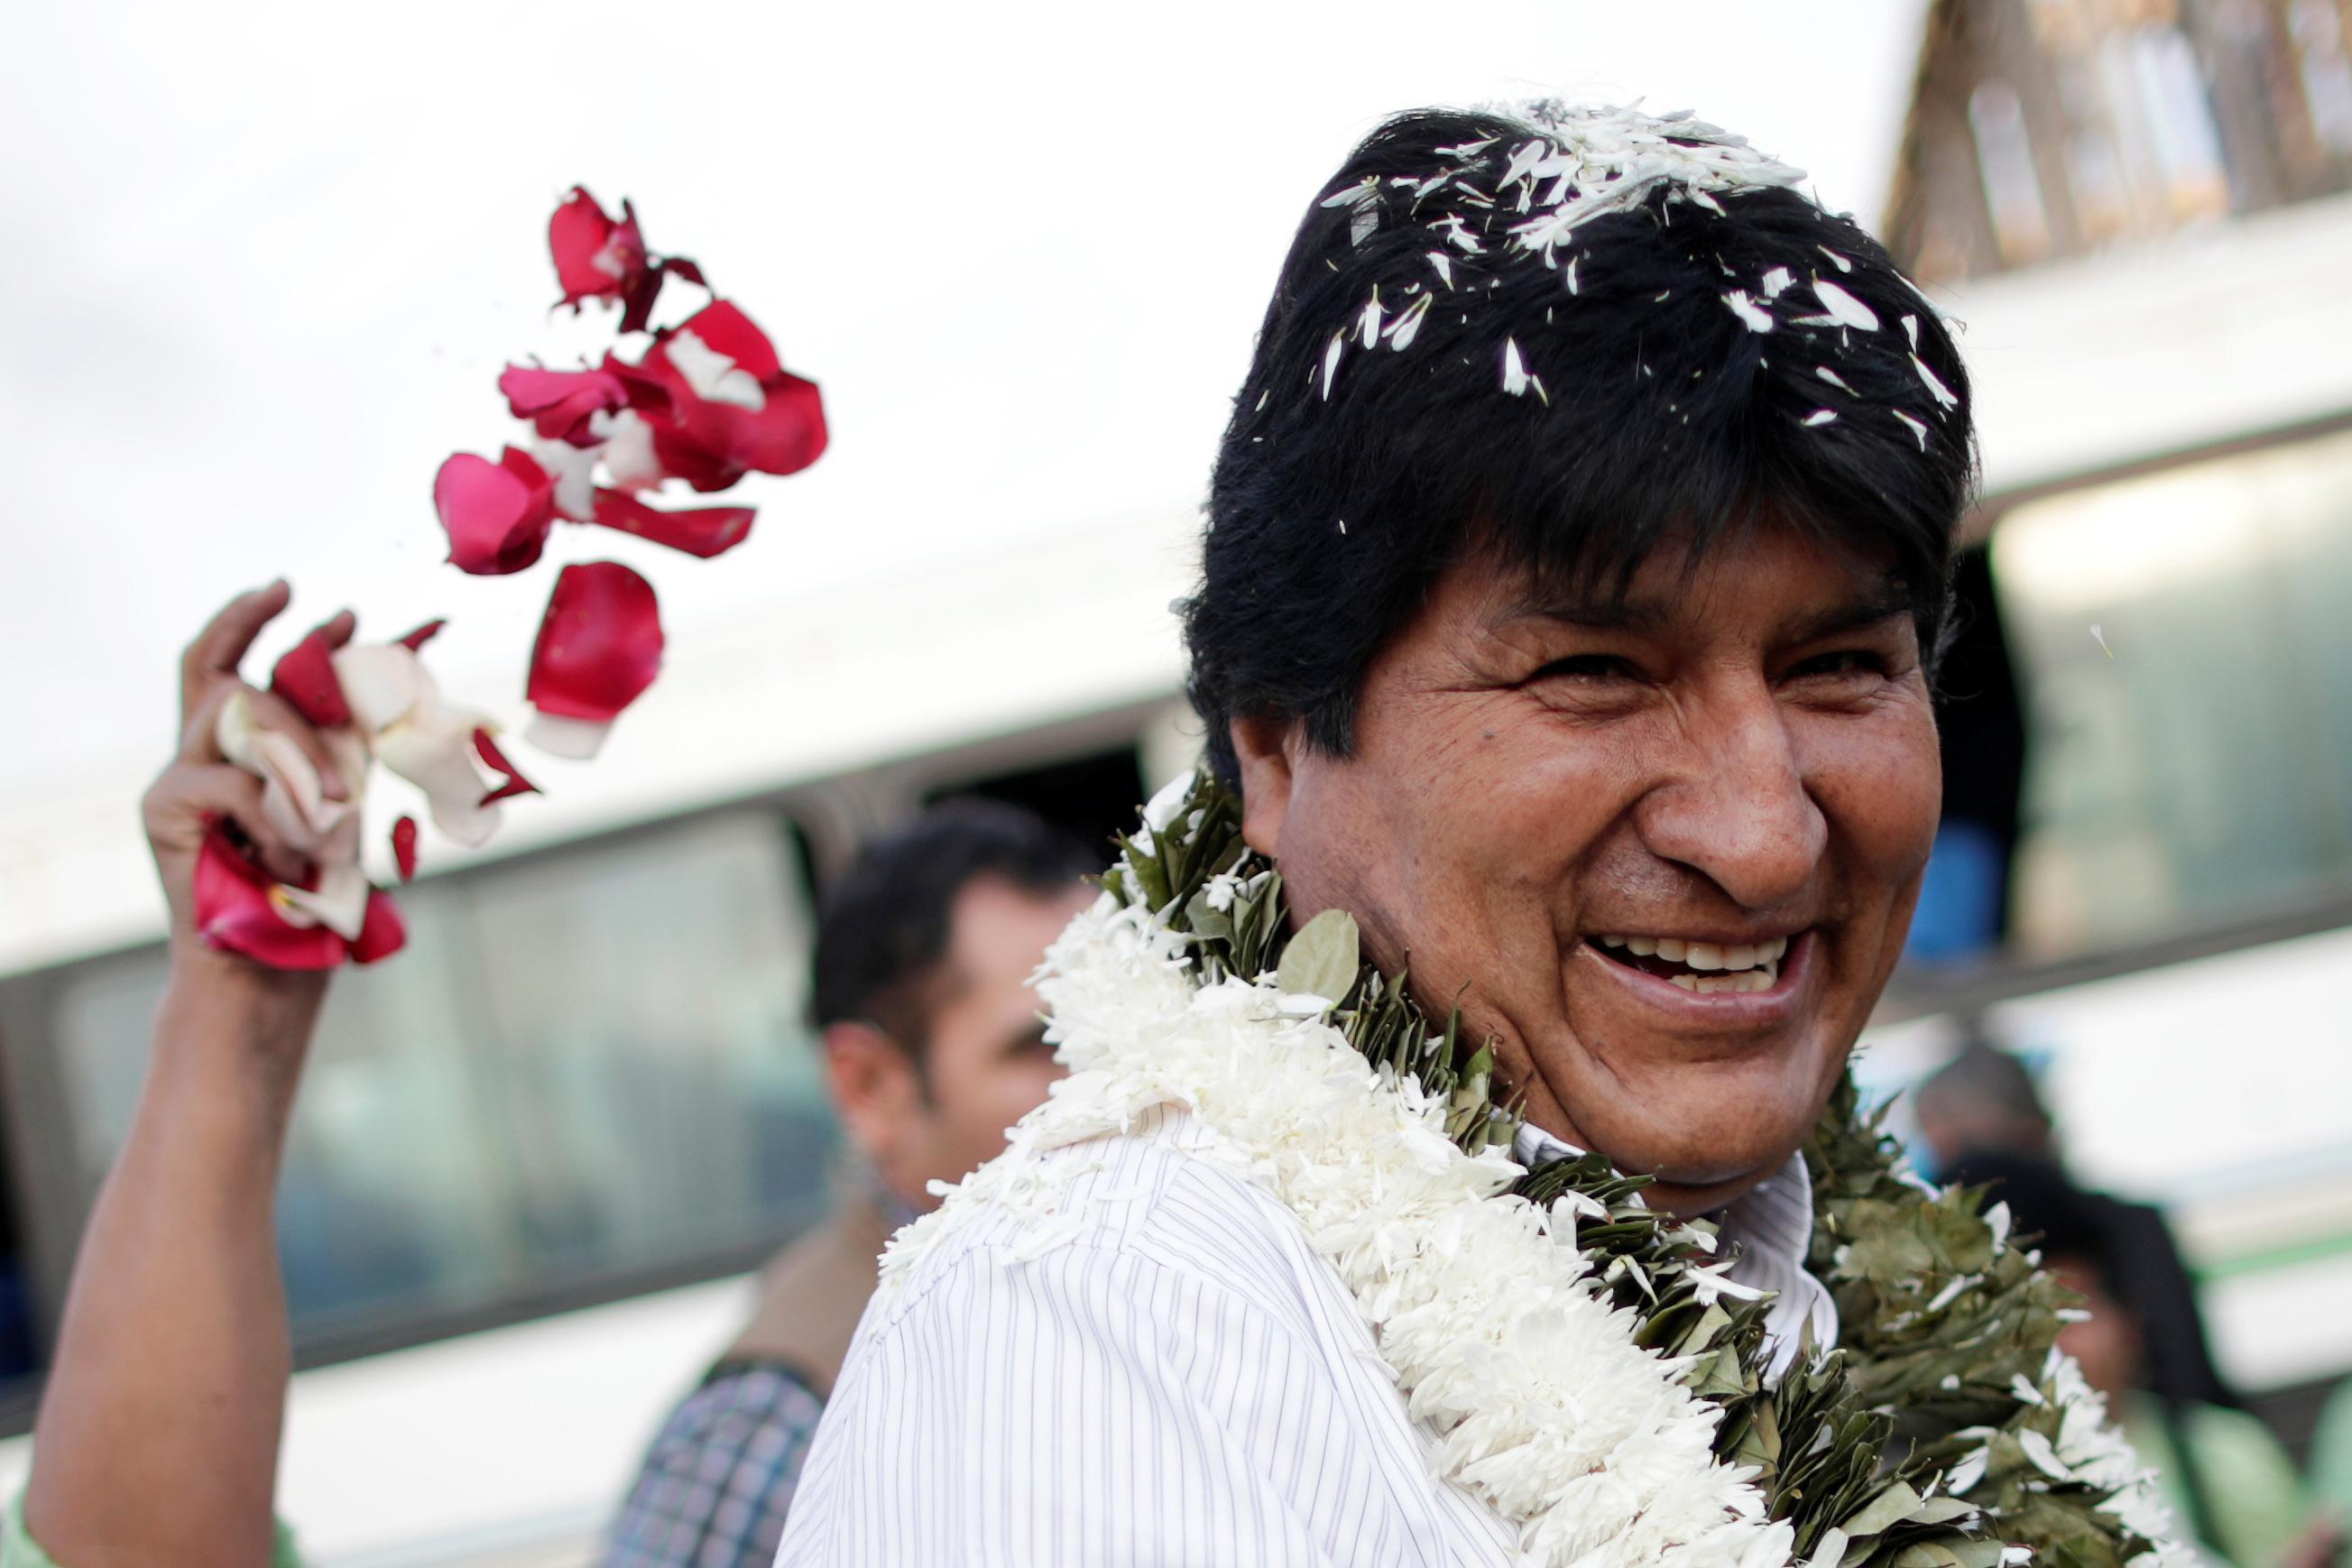 Bolivia's Morales confident of election win despite count...